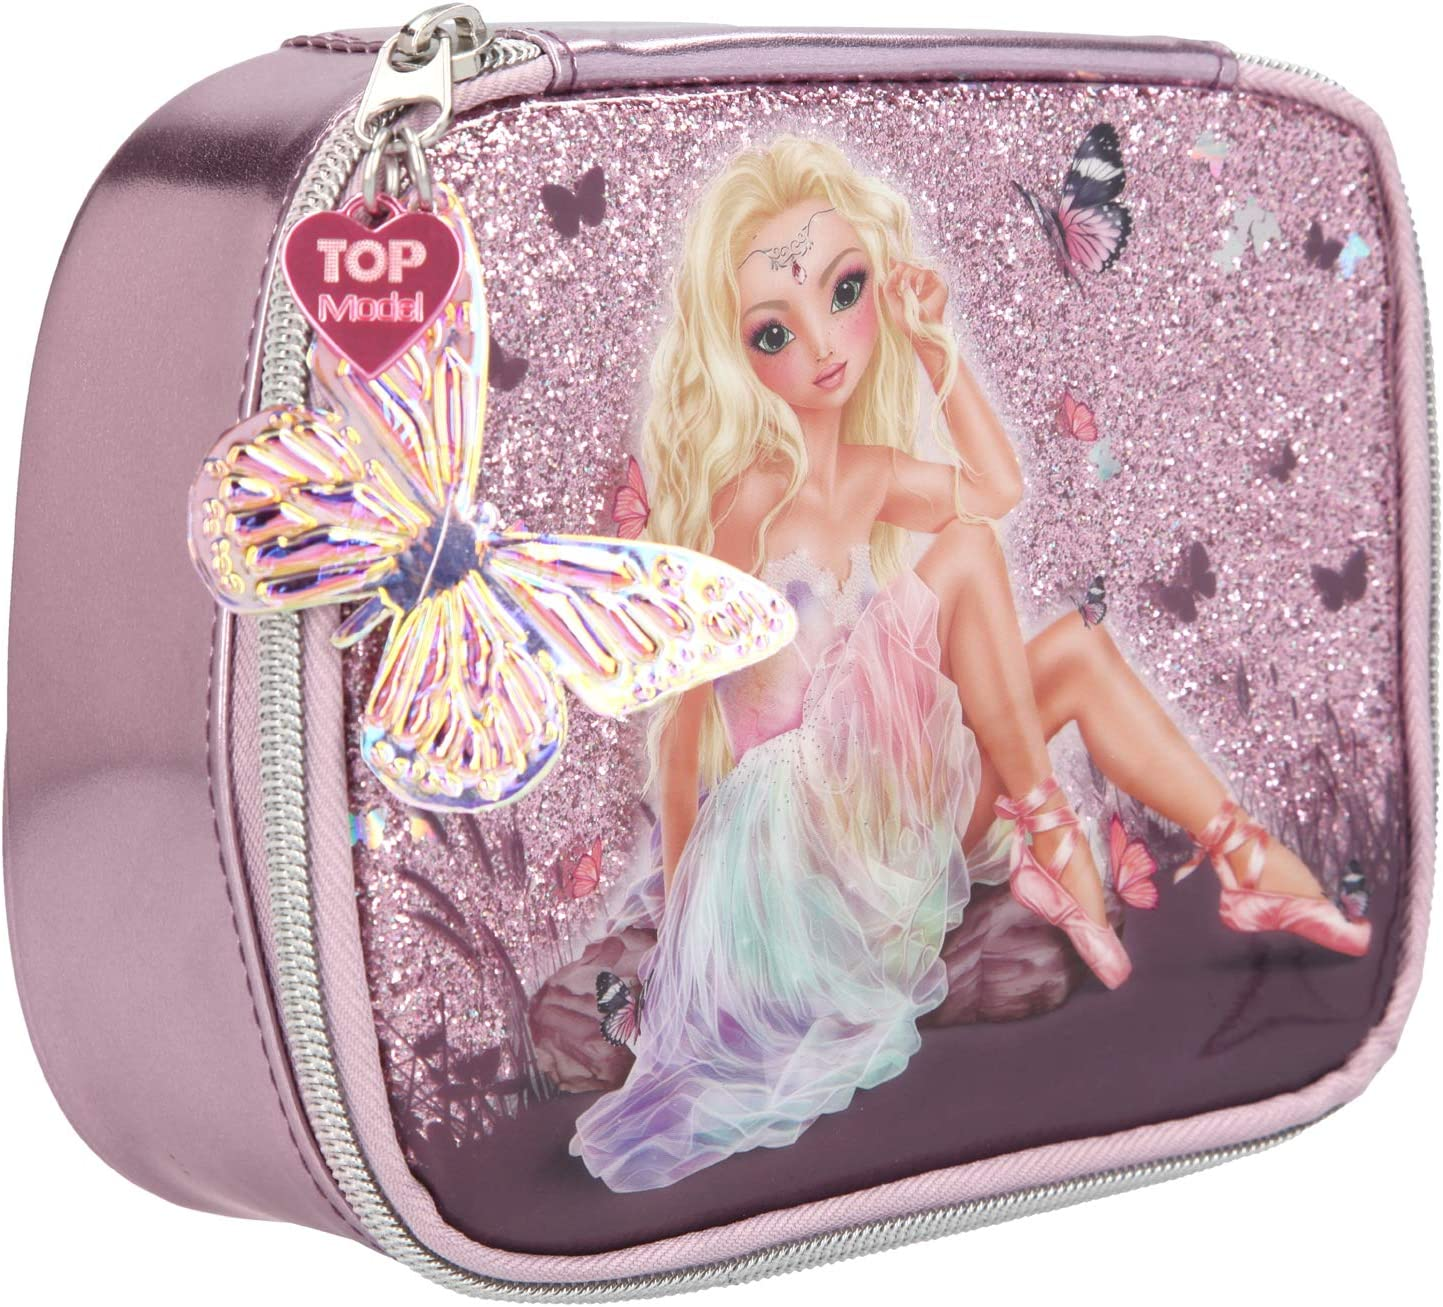 Depesche 10915 Fantasy Model Ballett - Neceser (7 x 15 x 19 cm), Color Rosa: Amazon.es: Juguetes y juegos